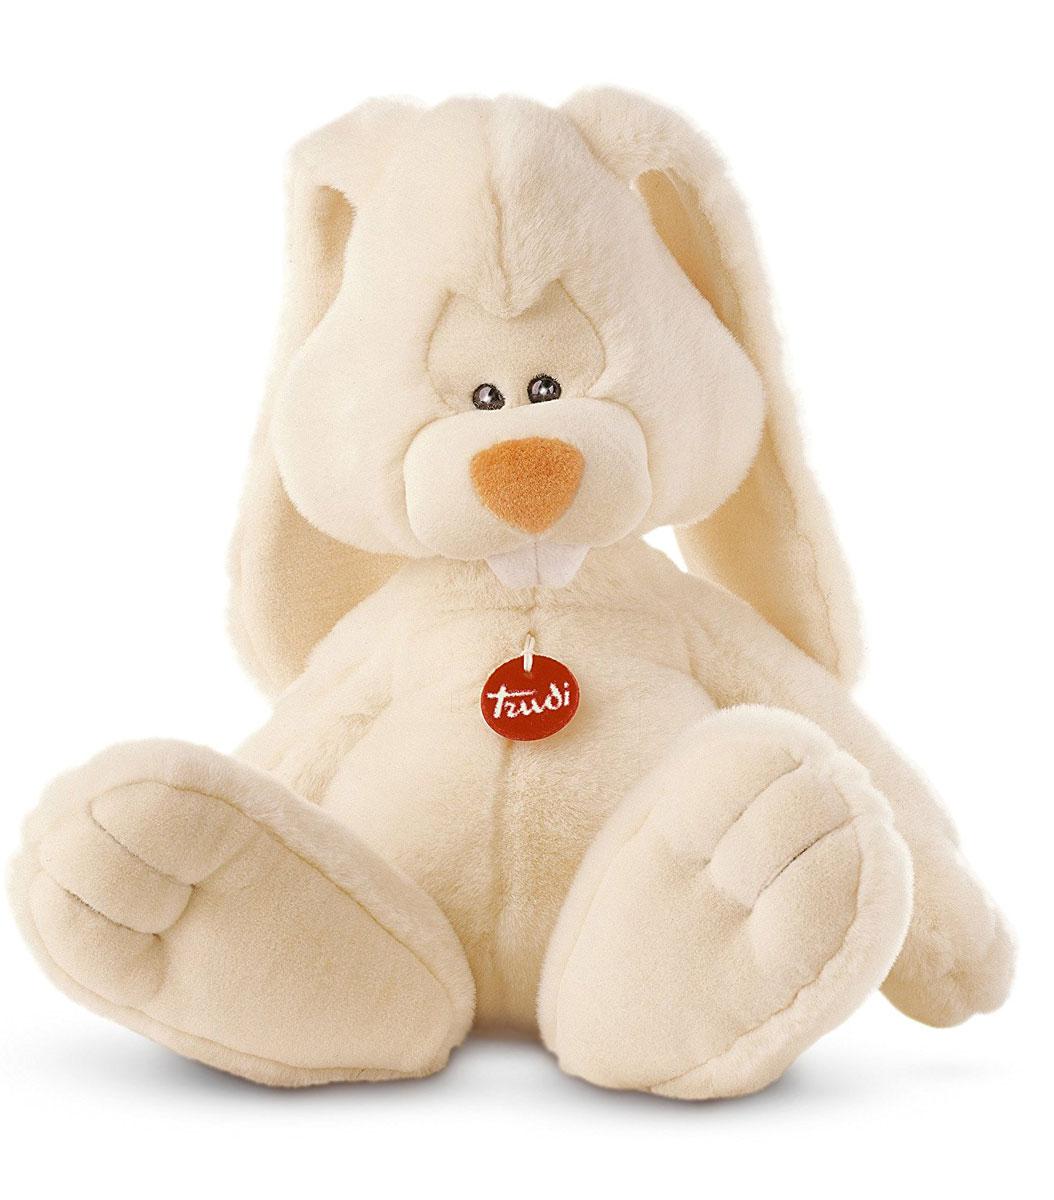 Trudi Мягкая игрушка Заяц Вирджилио 50 см мягкие игрушки trudi лайка маркус 34 см